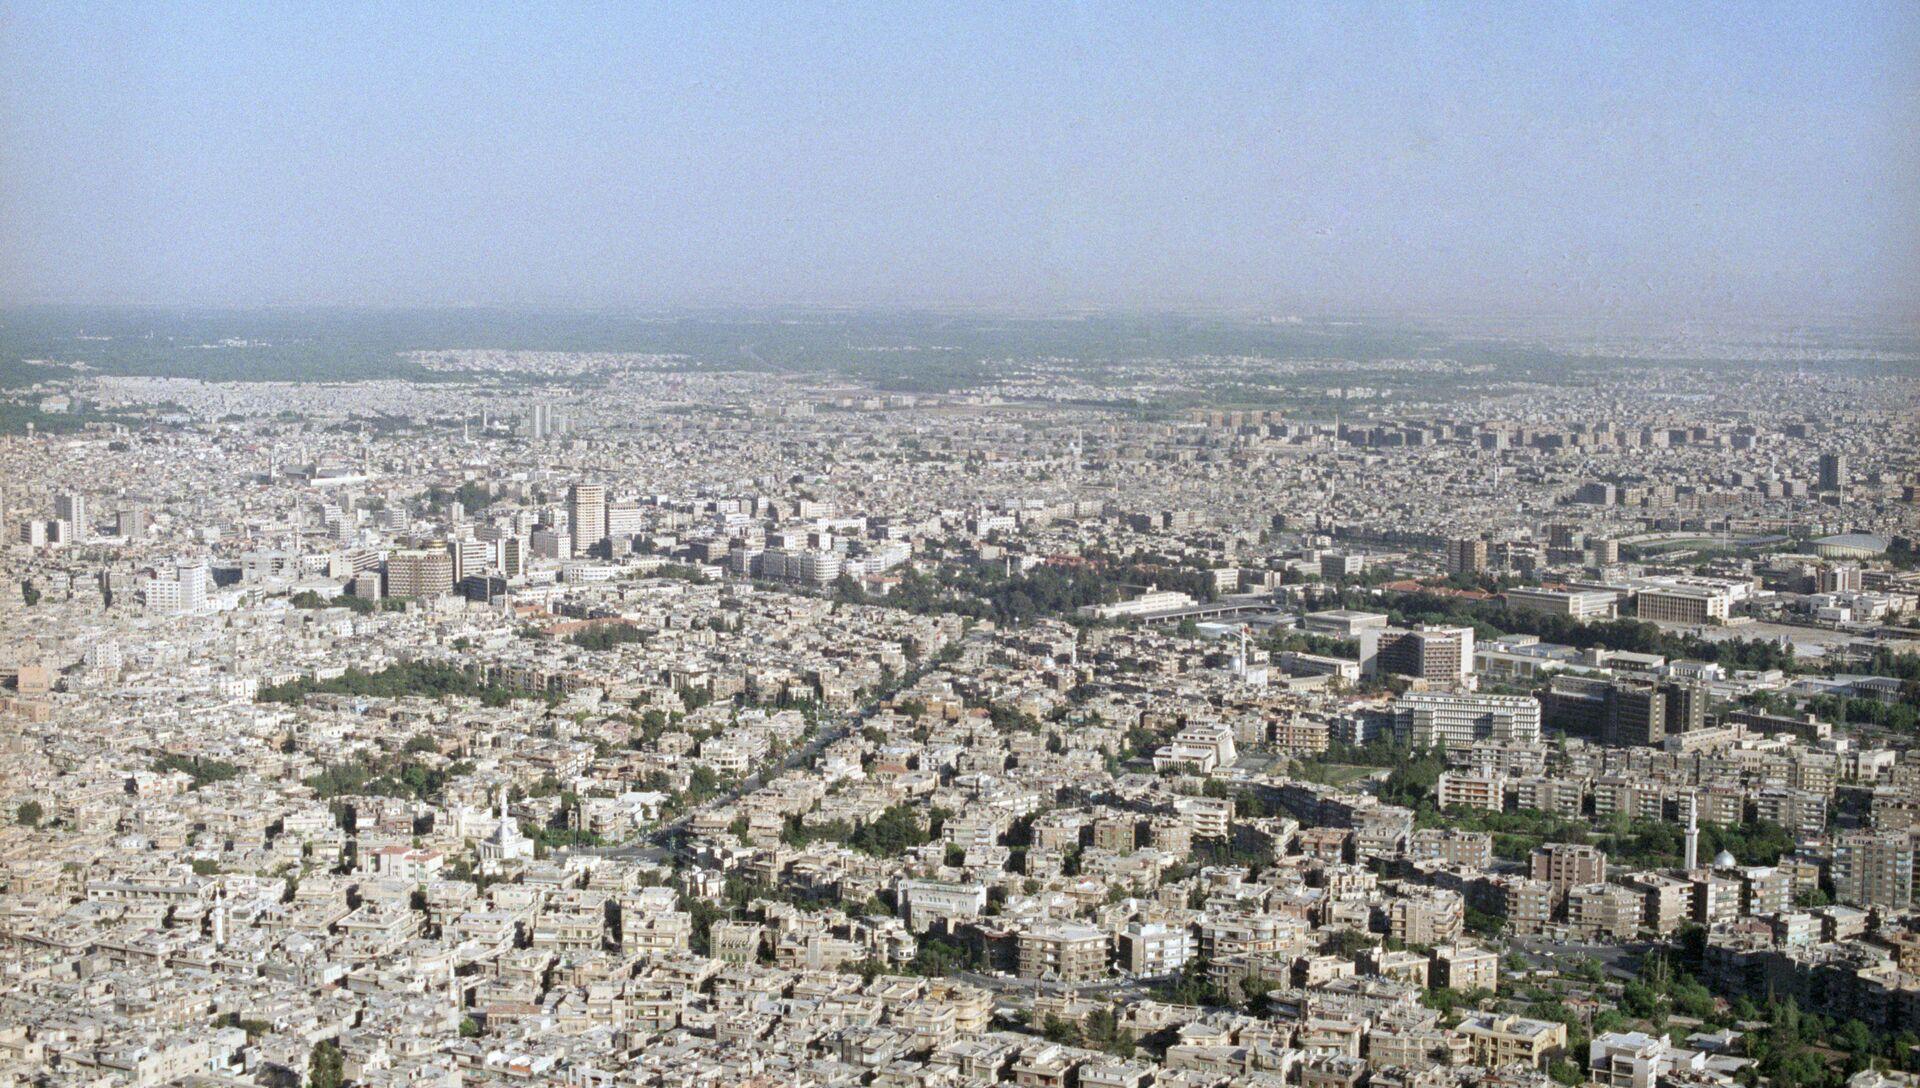 Вид на Дамаск с горы Касьюн - РИА Новости, 1920, 03.09.2019